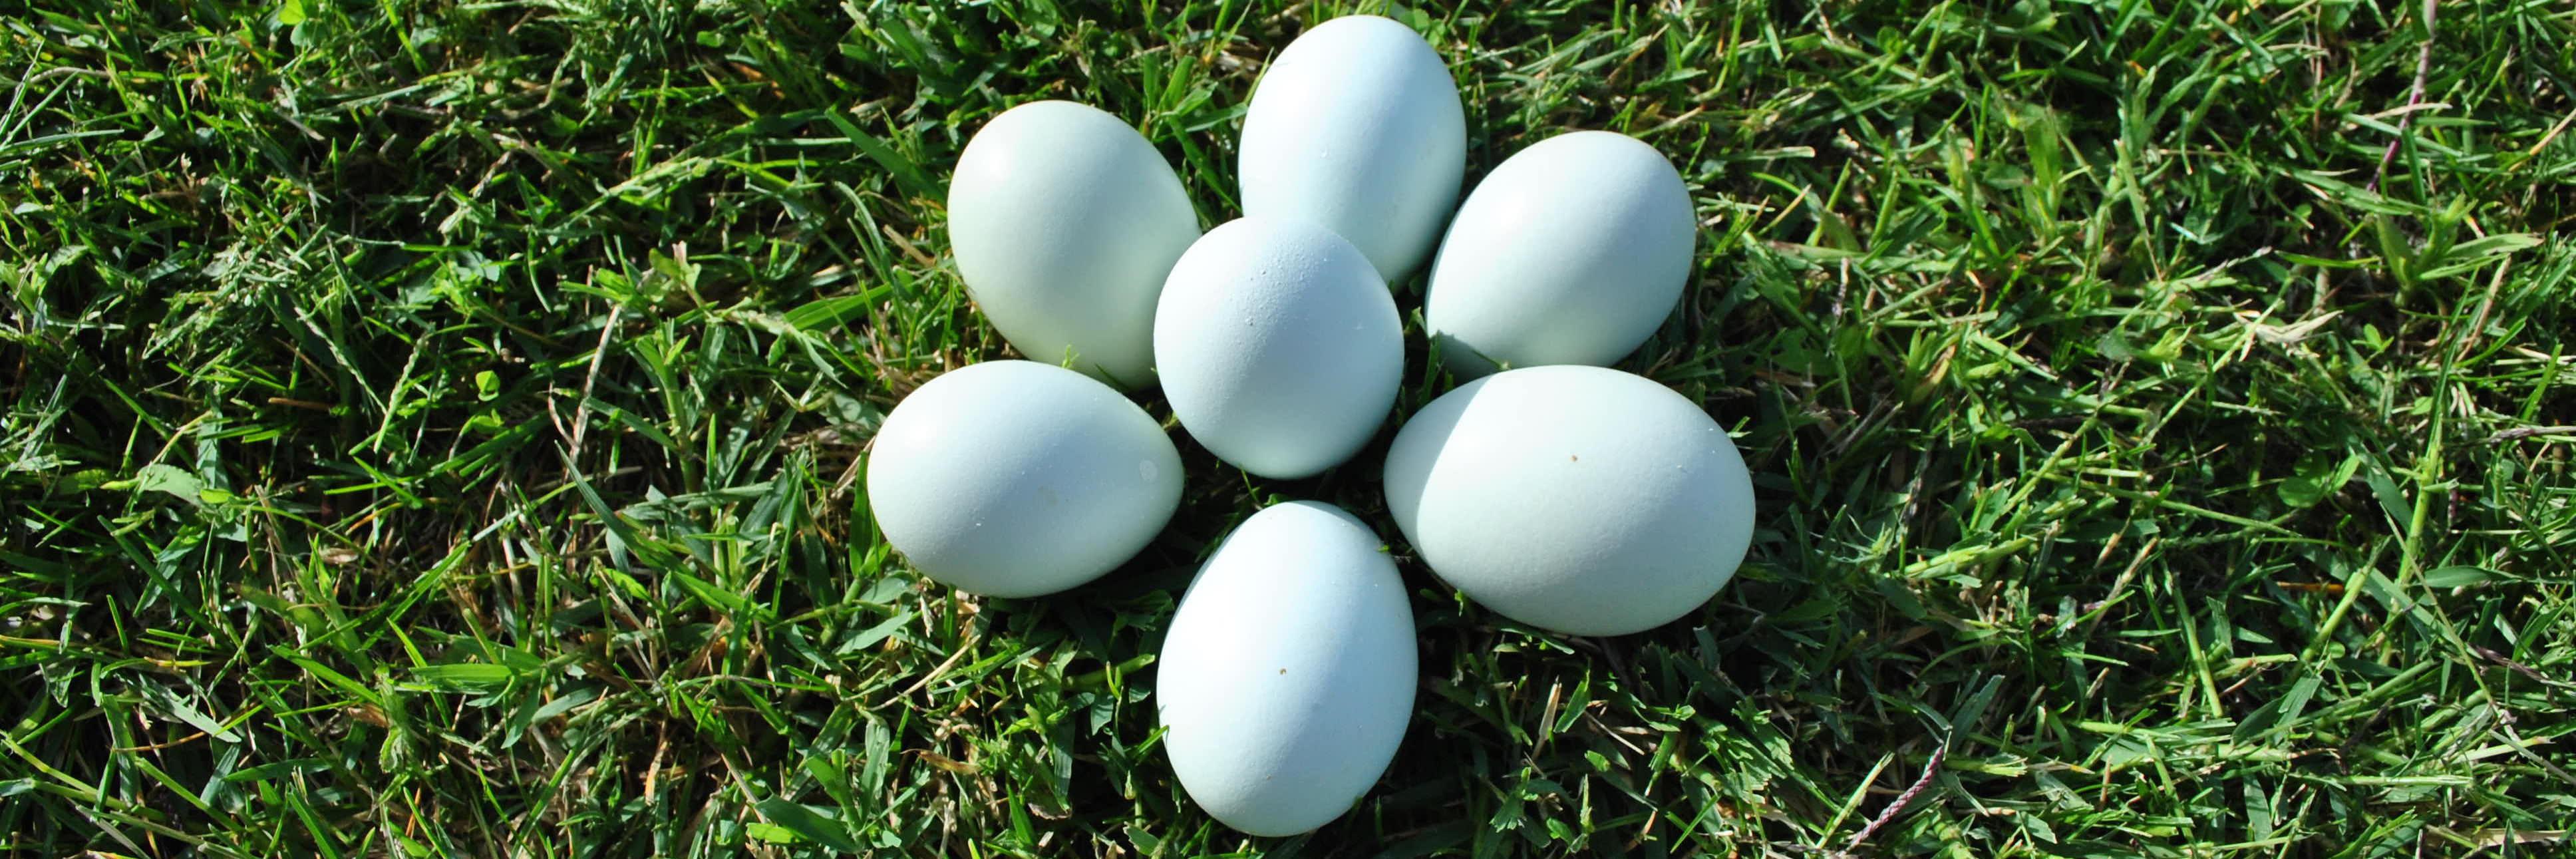 Huevos azules sobre cesped